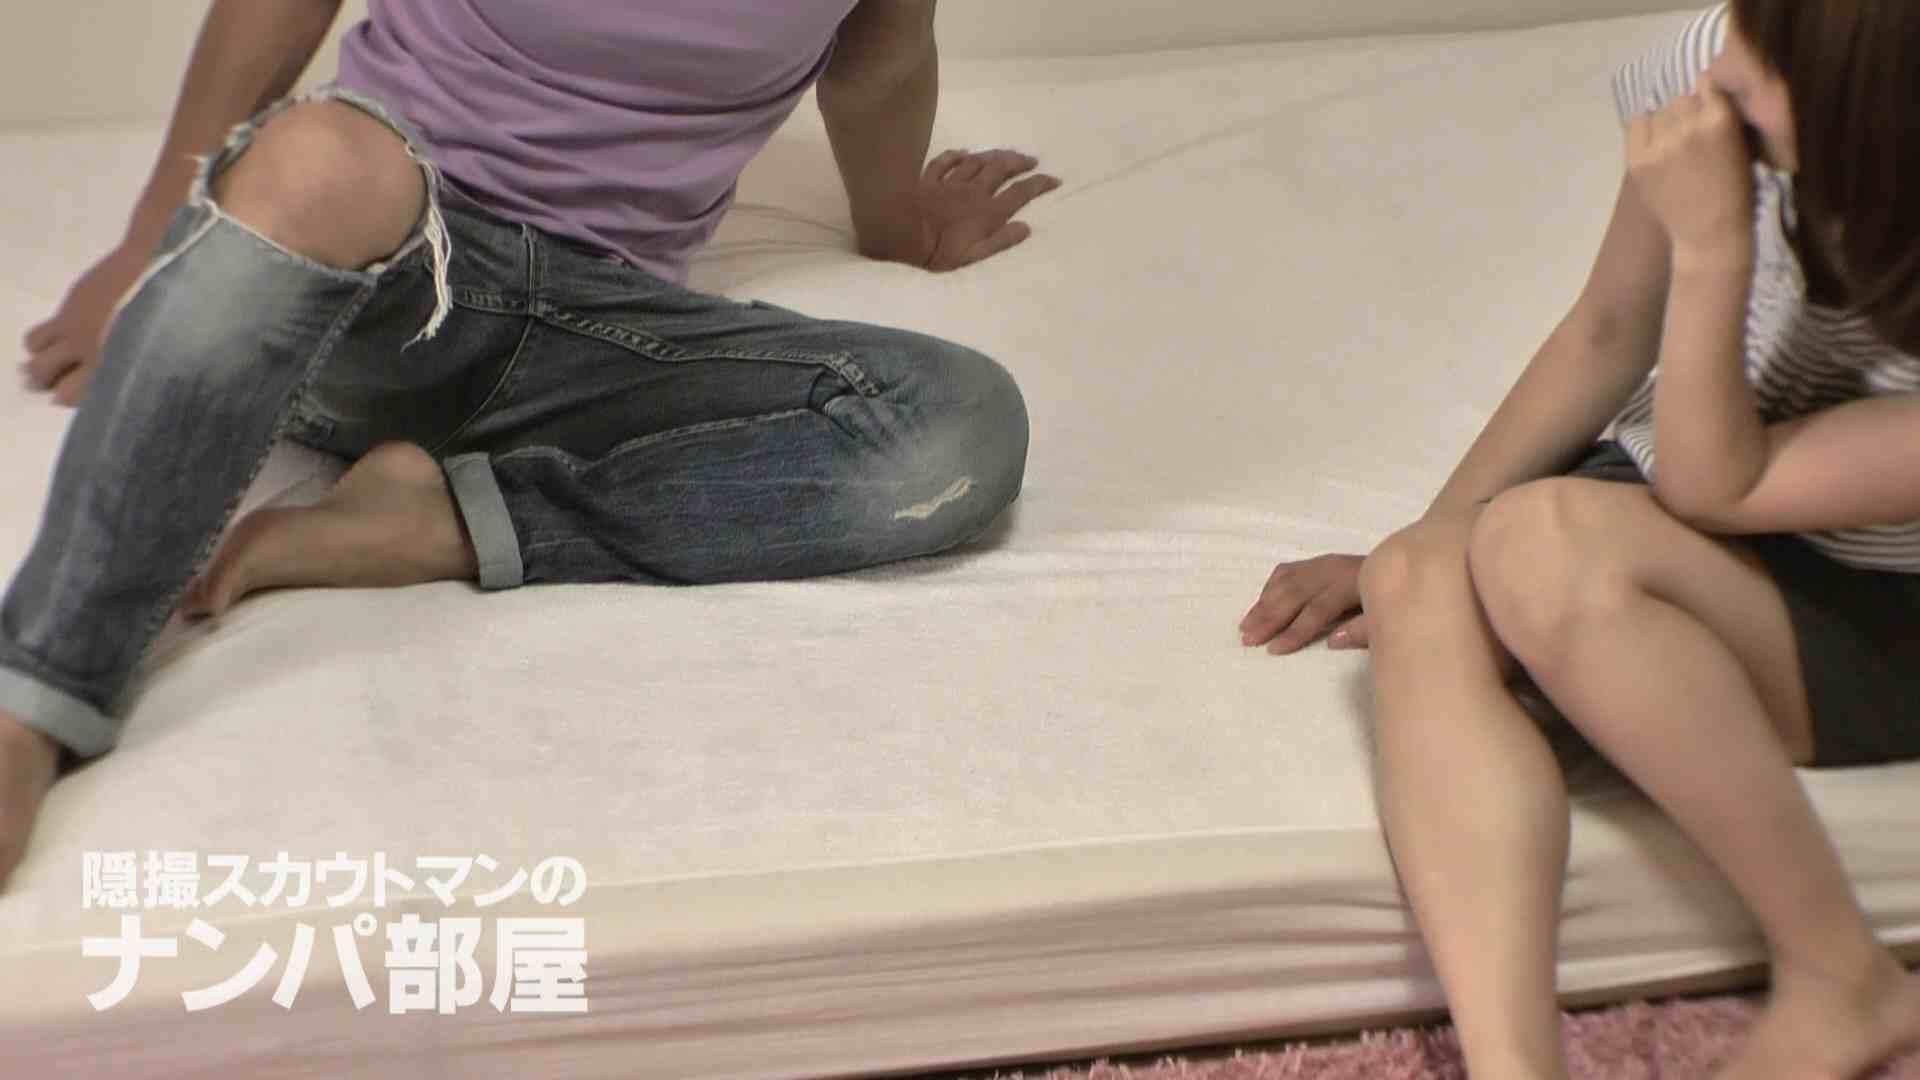 隠撮スカウトマンのナンパ部屋~風俗デビュー前のつまみ食い~ siivol.3 隠撮 すけべAV動画紹介 92PIX 31